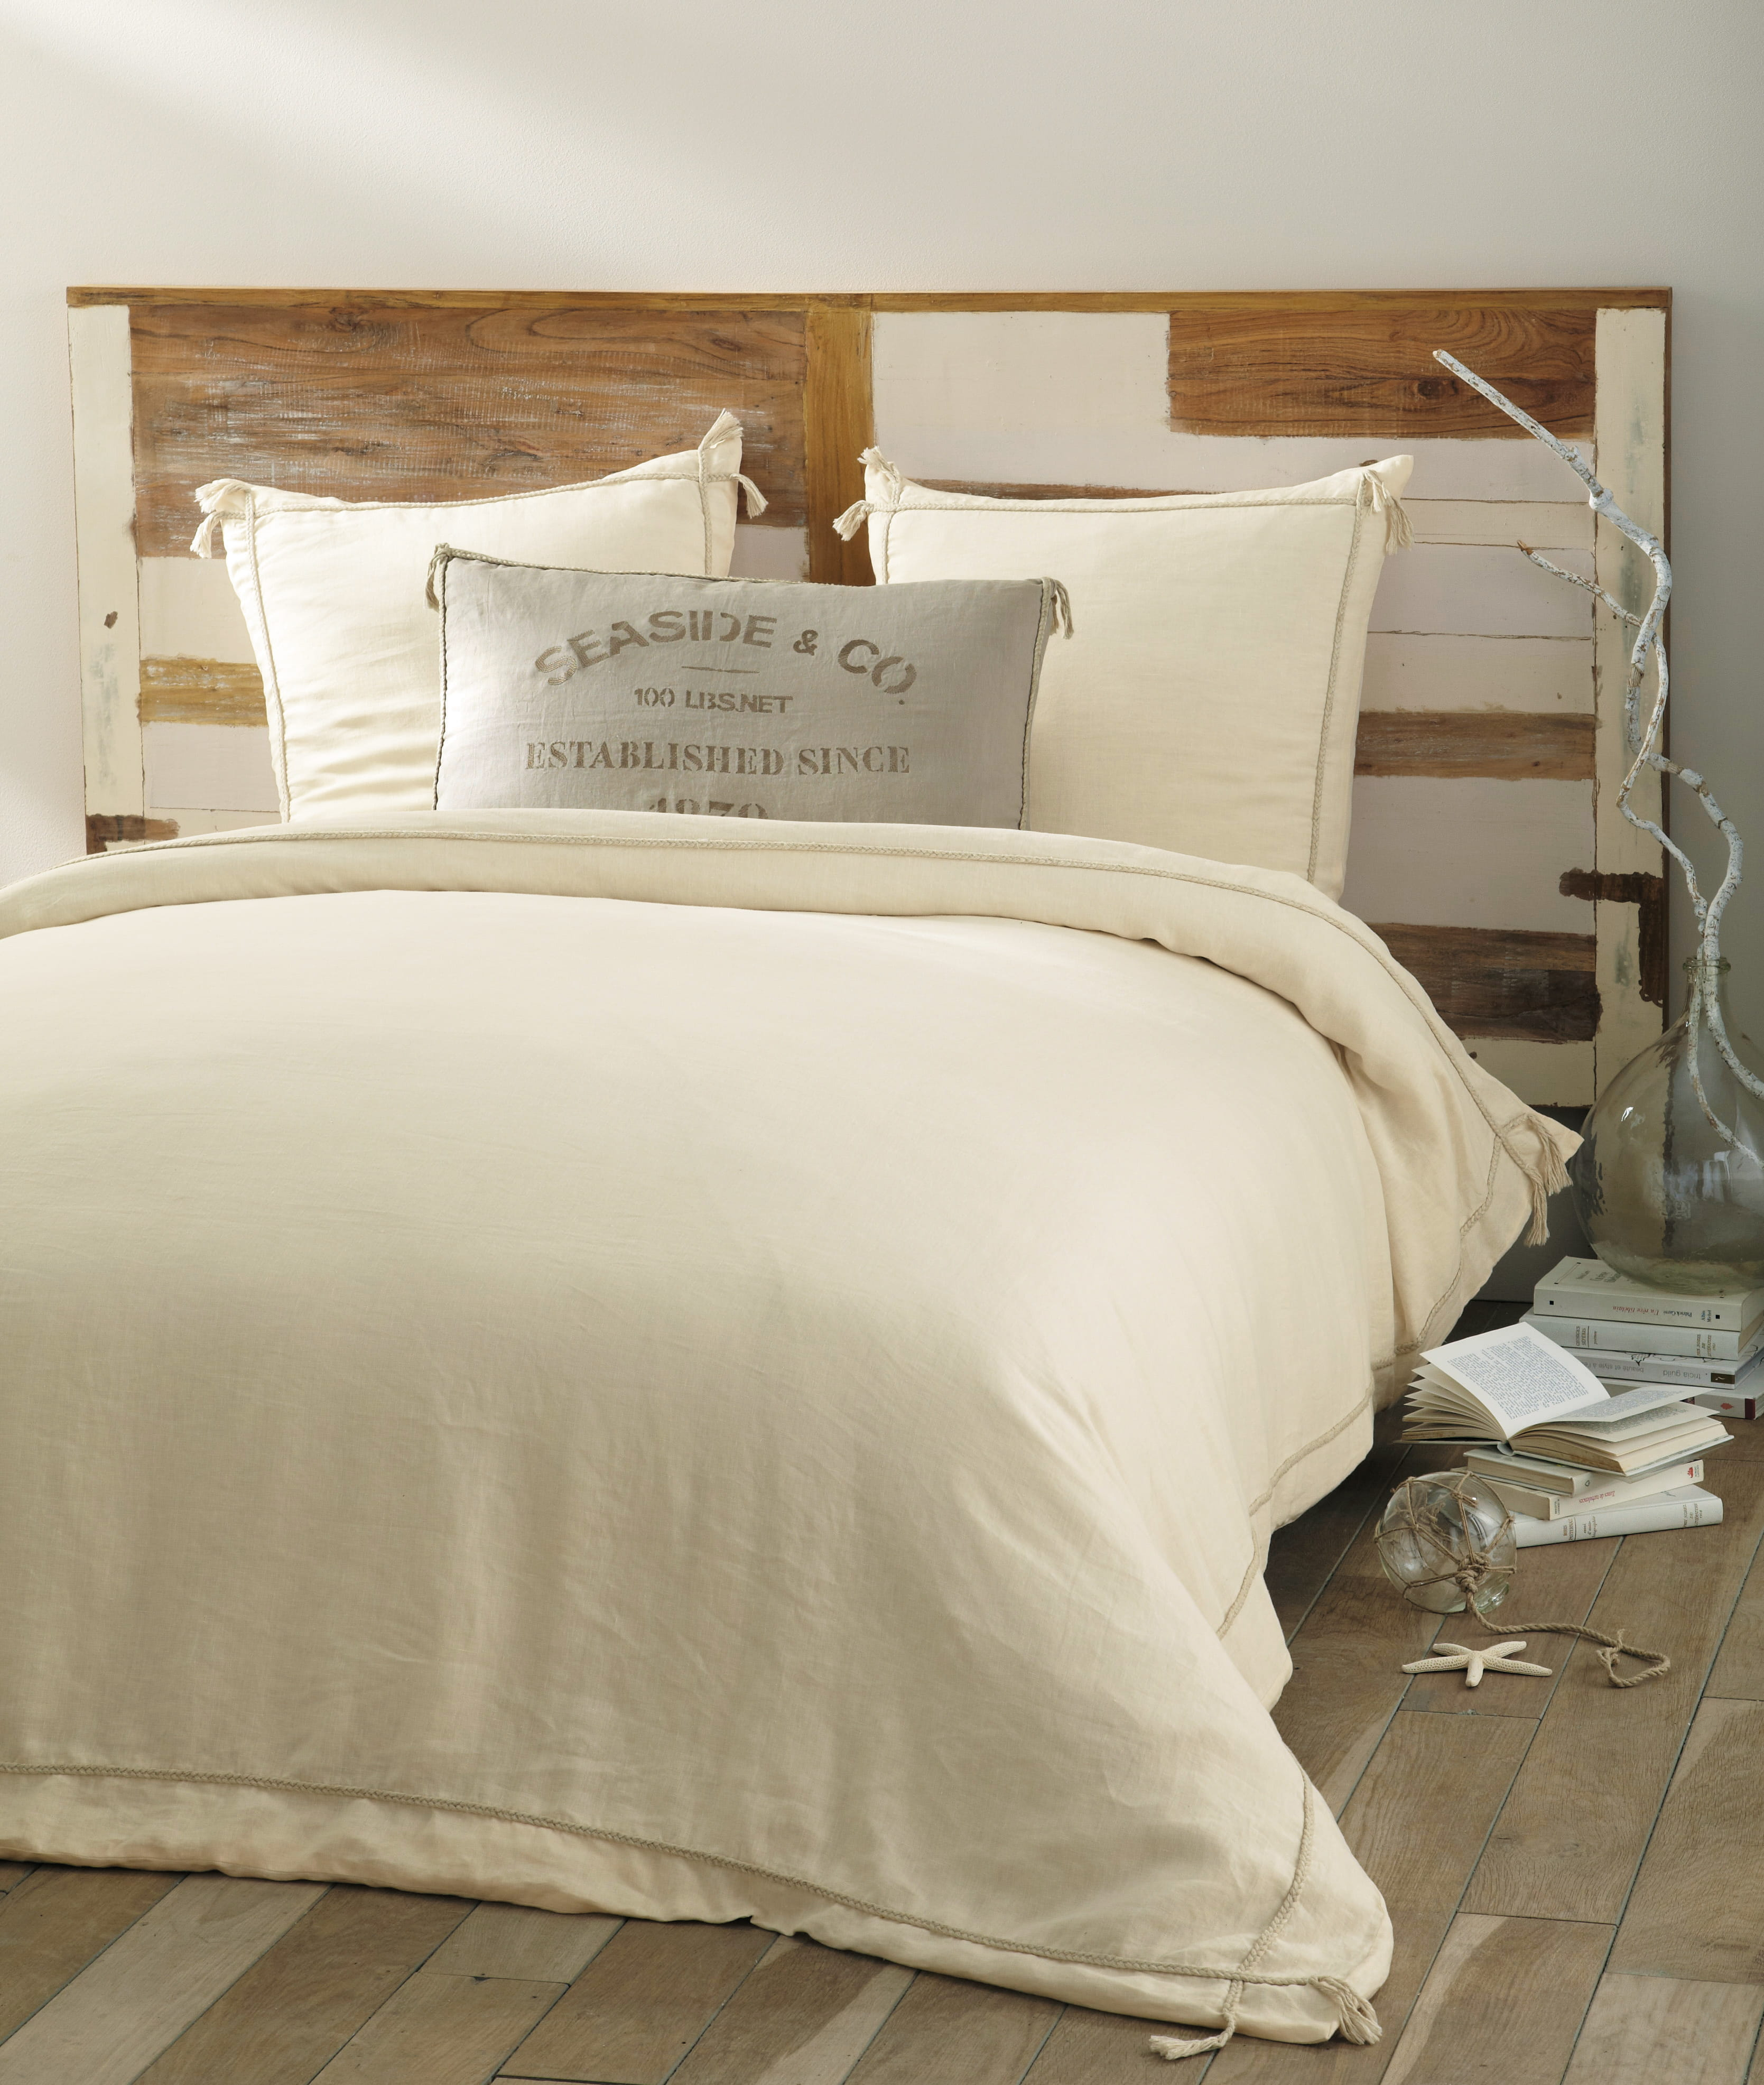 linge de lit seaside de maisons du monde linge de lit a sent le printemp. Black Bedroom Furniture Sets. Home Design Ideas